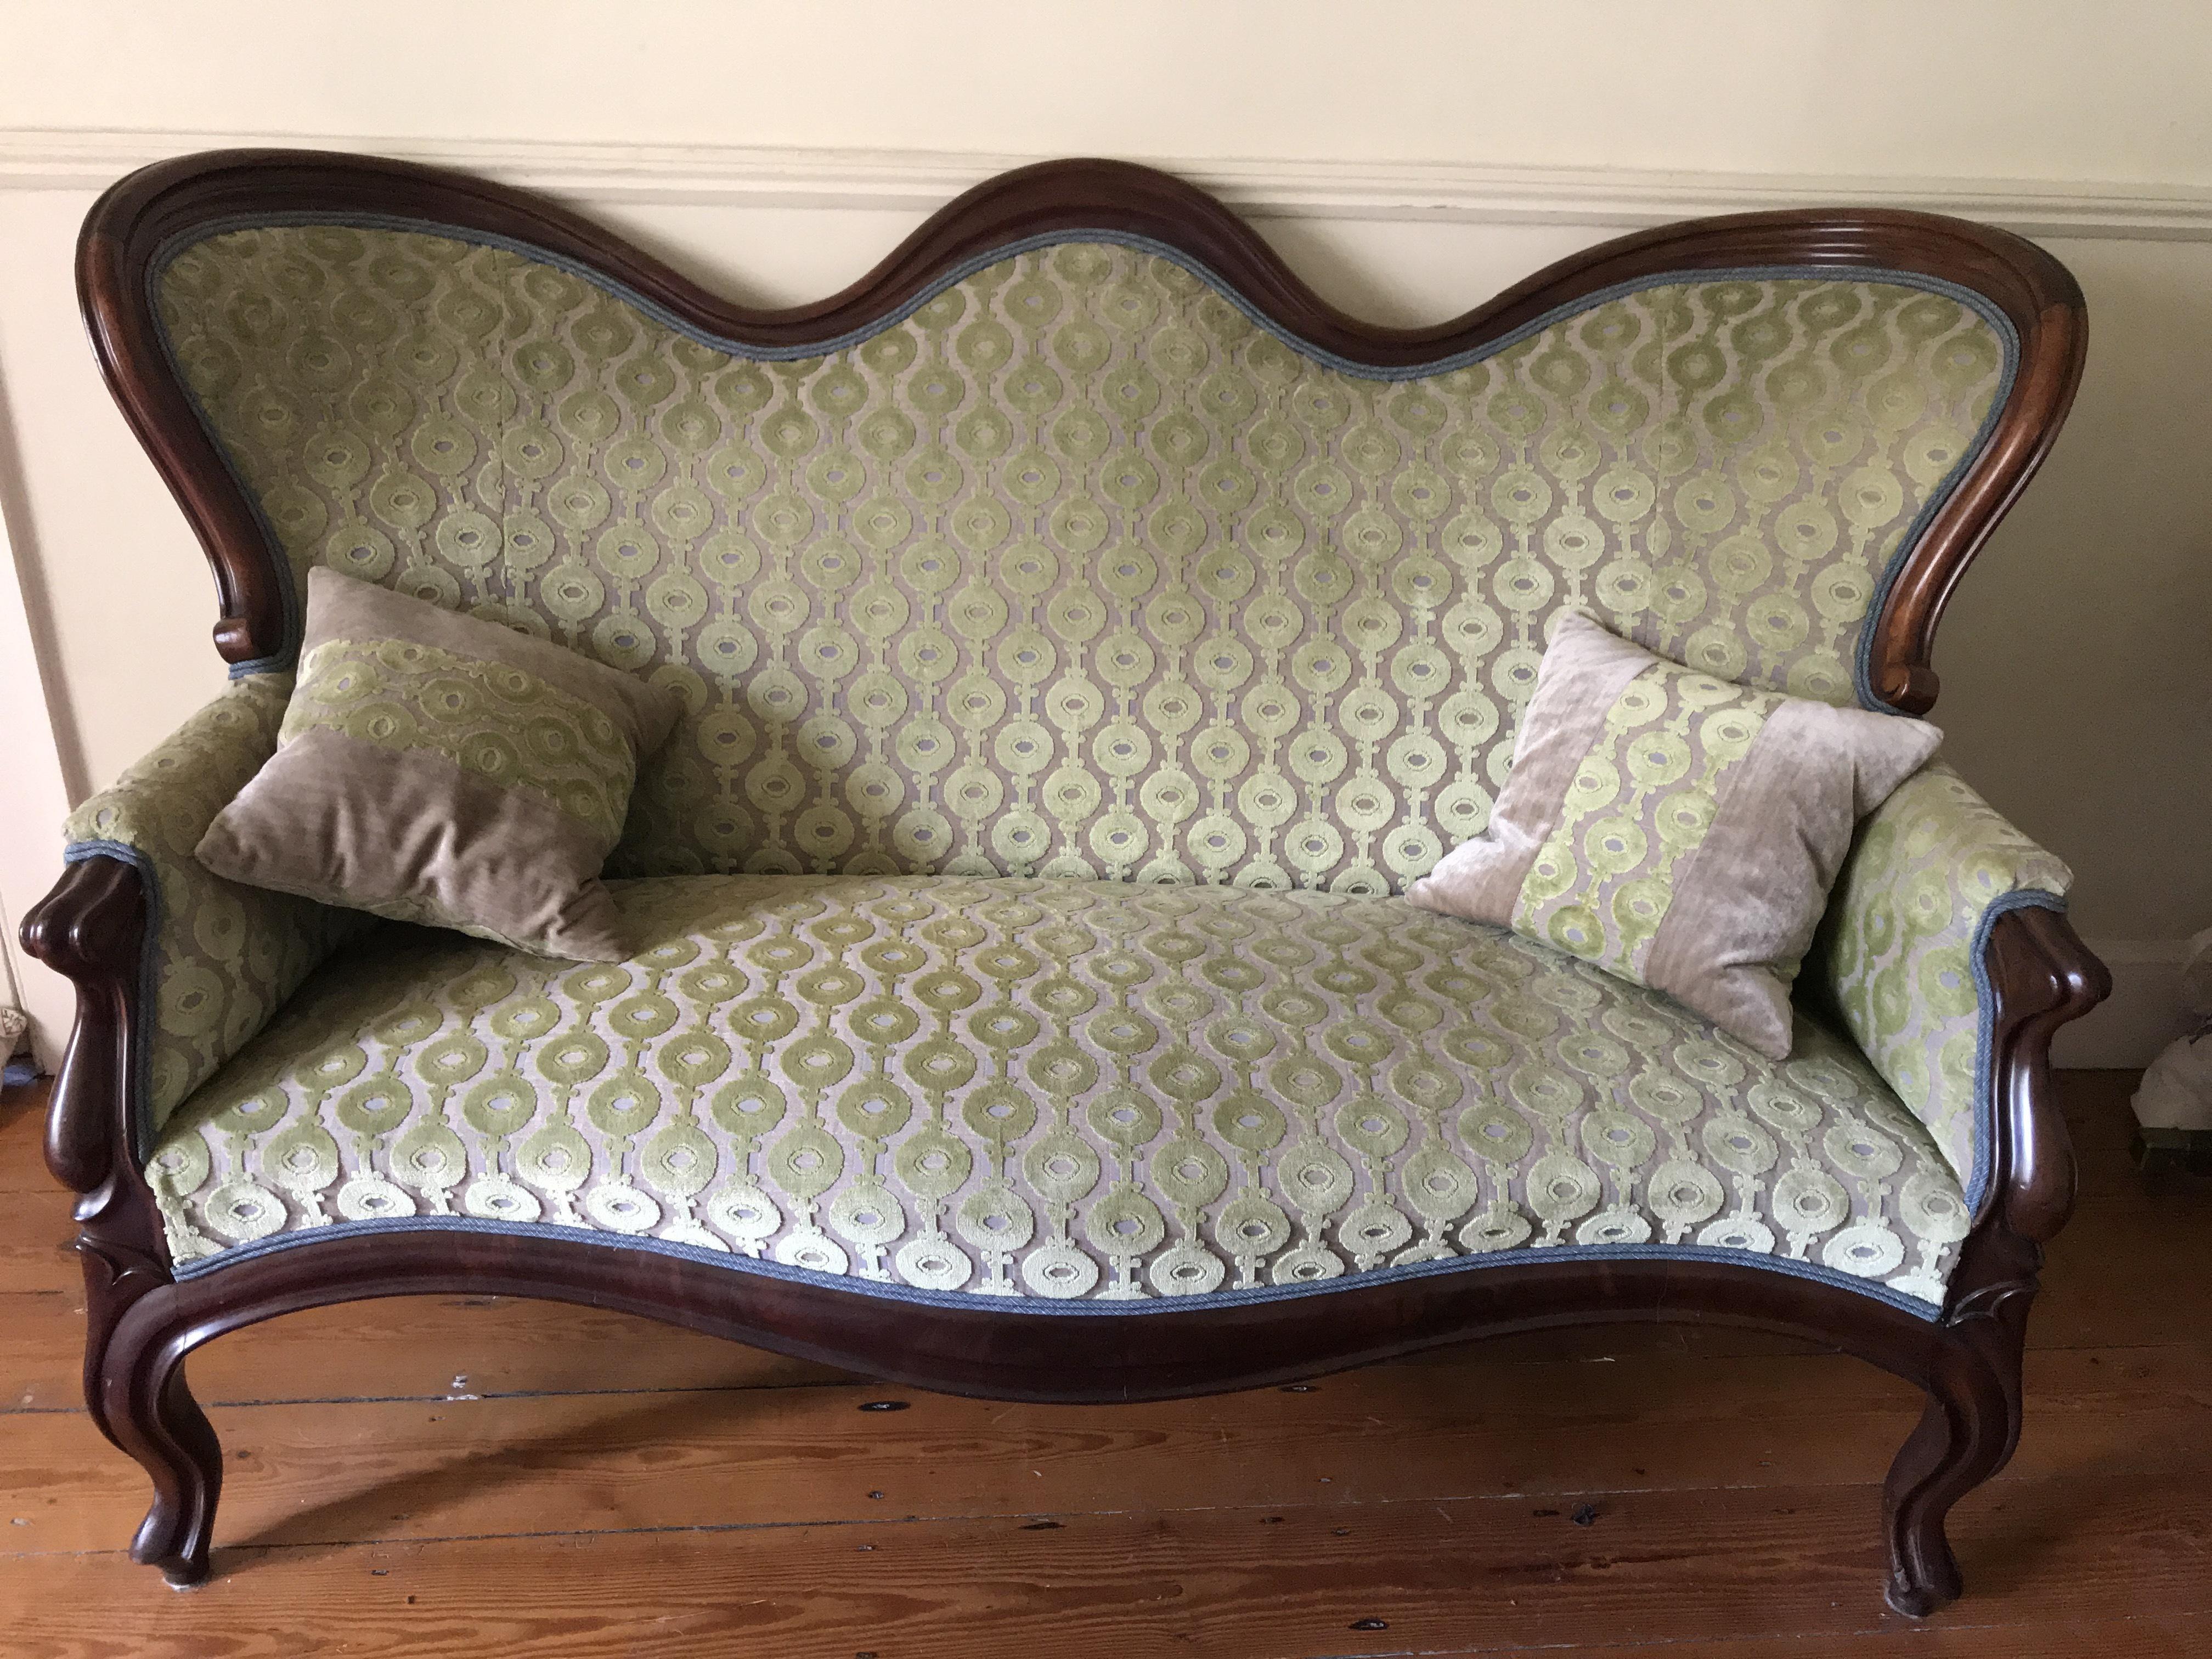 Antique Upholstered Velvet Sofa With